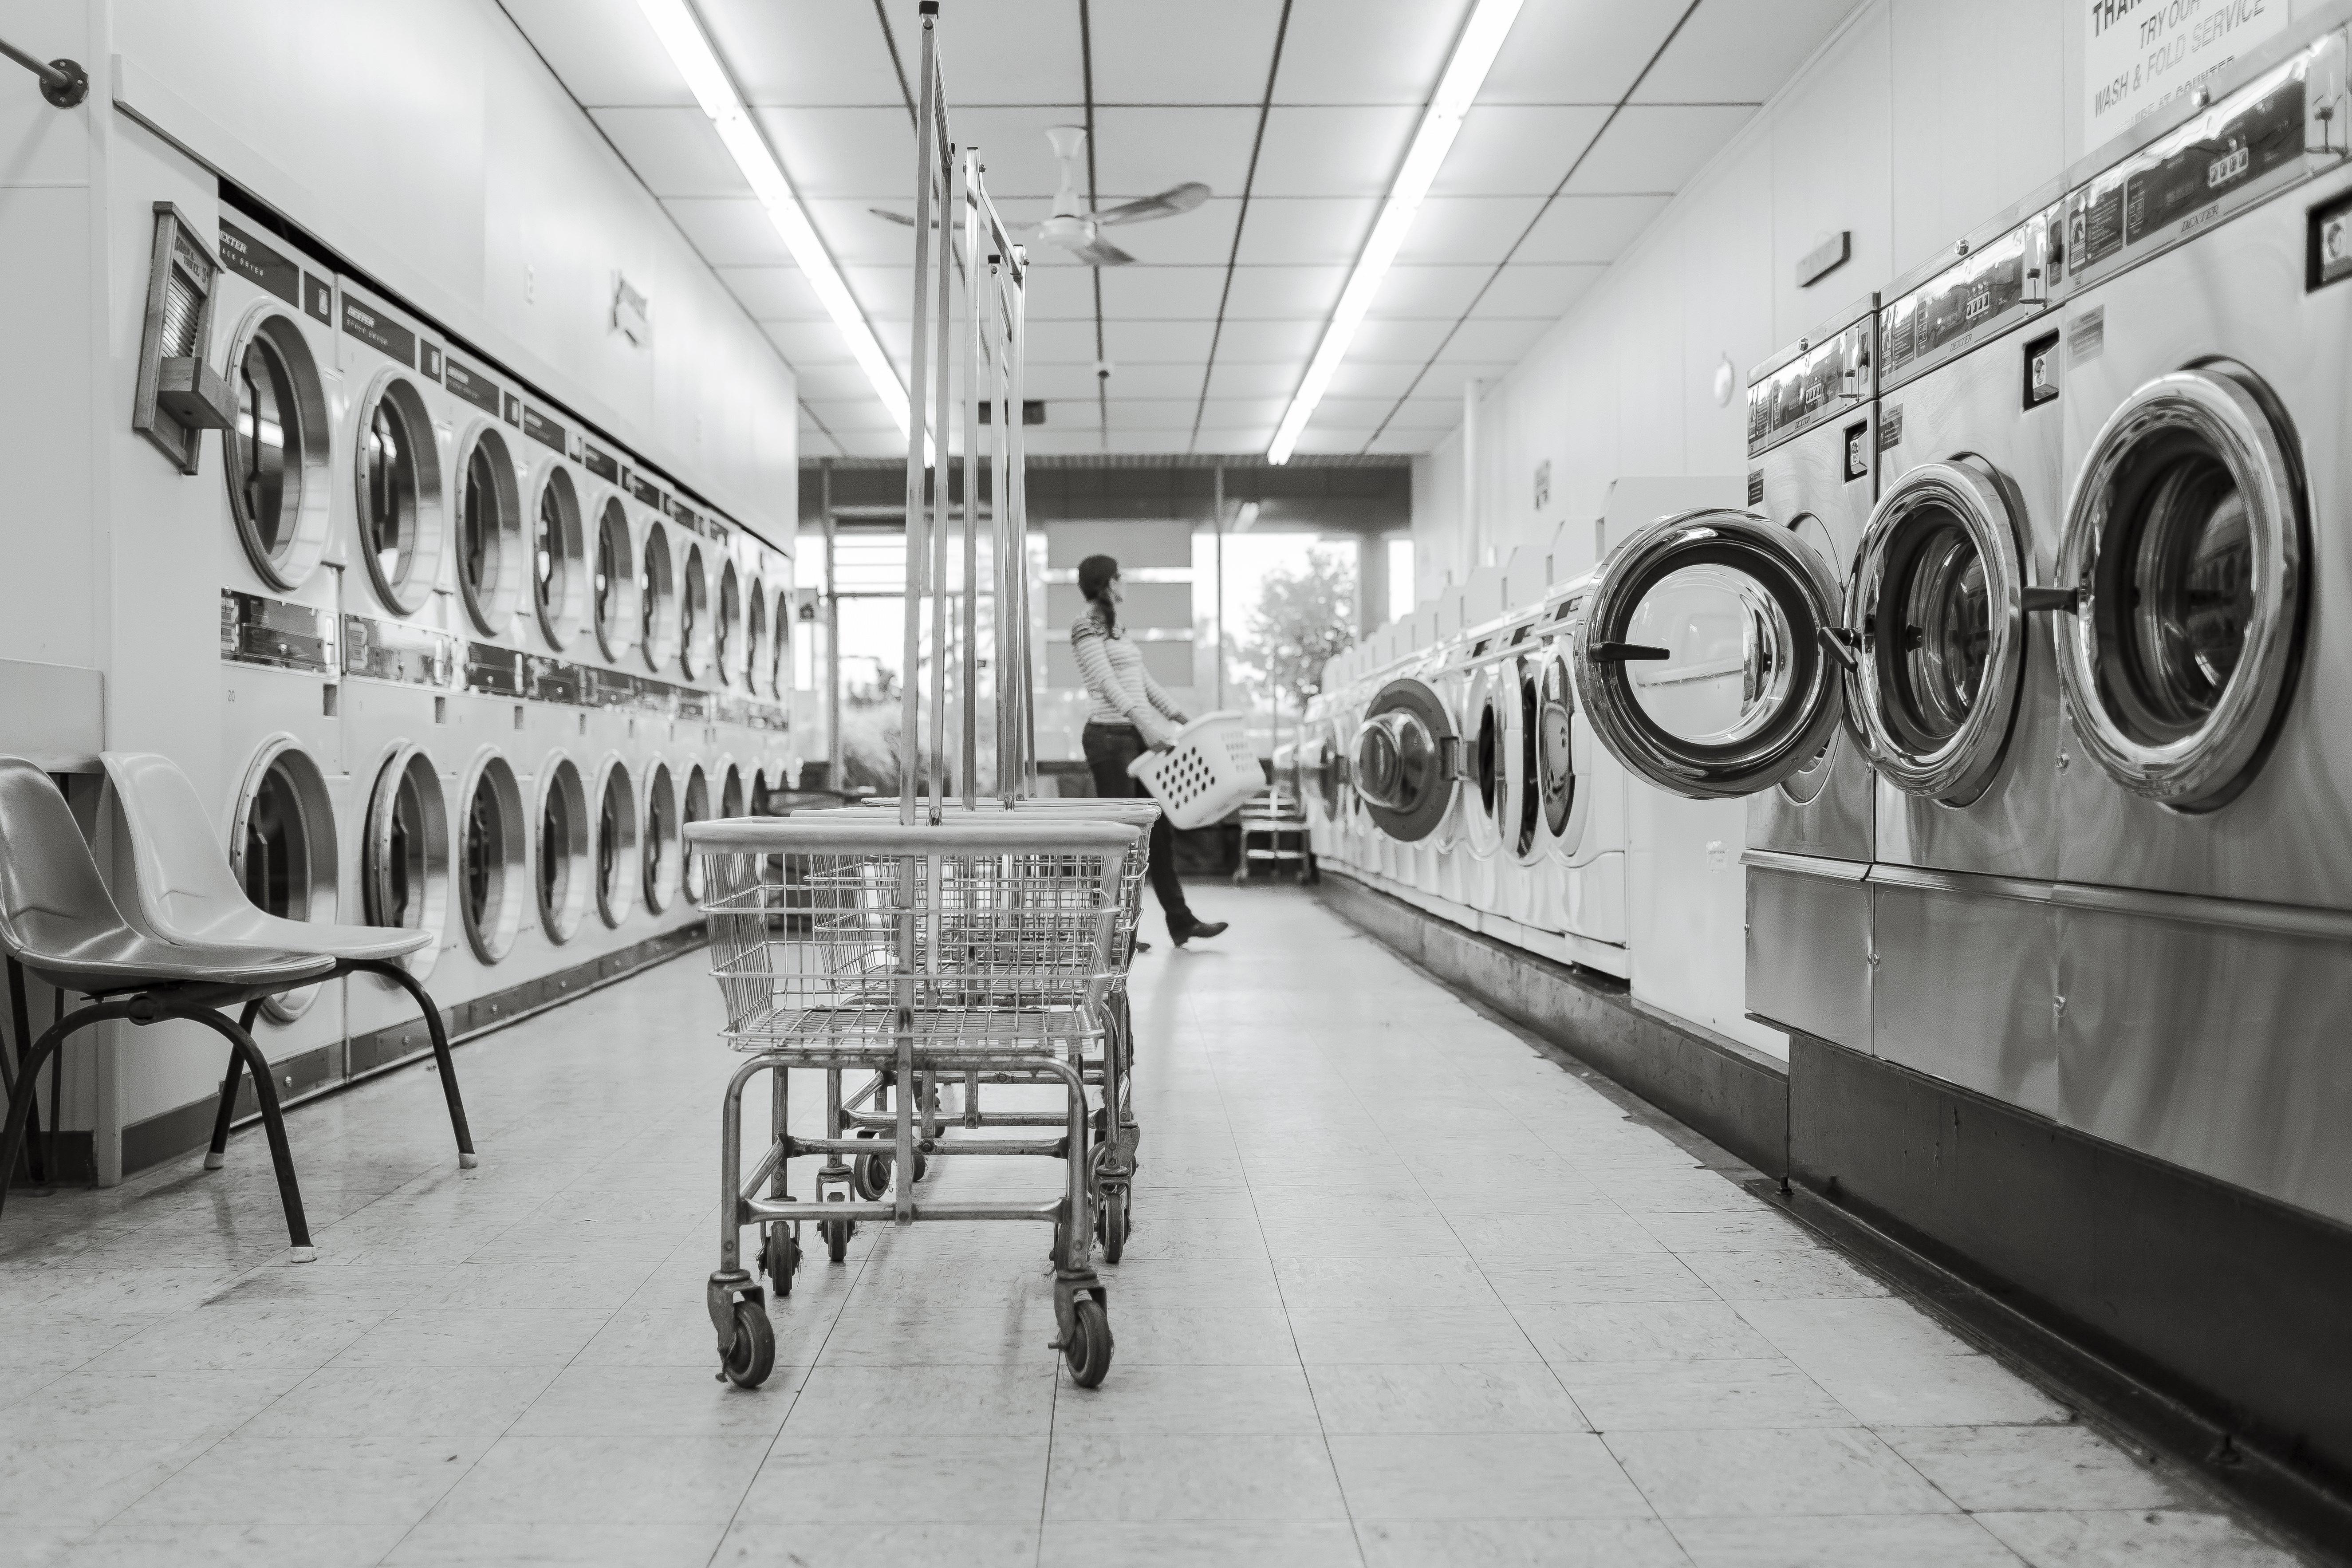 laundry-saloon-567951